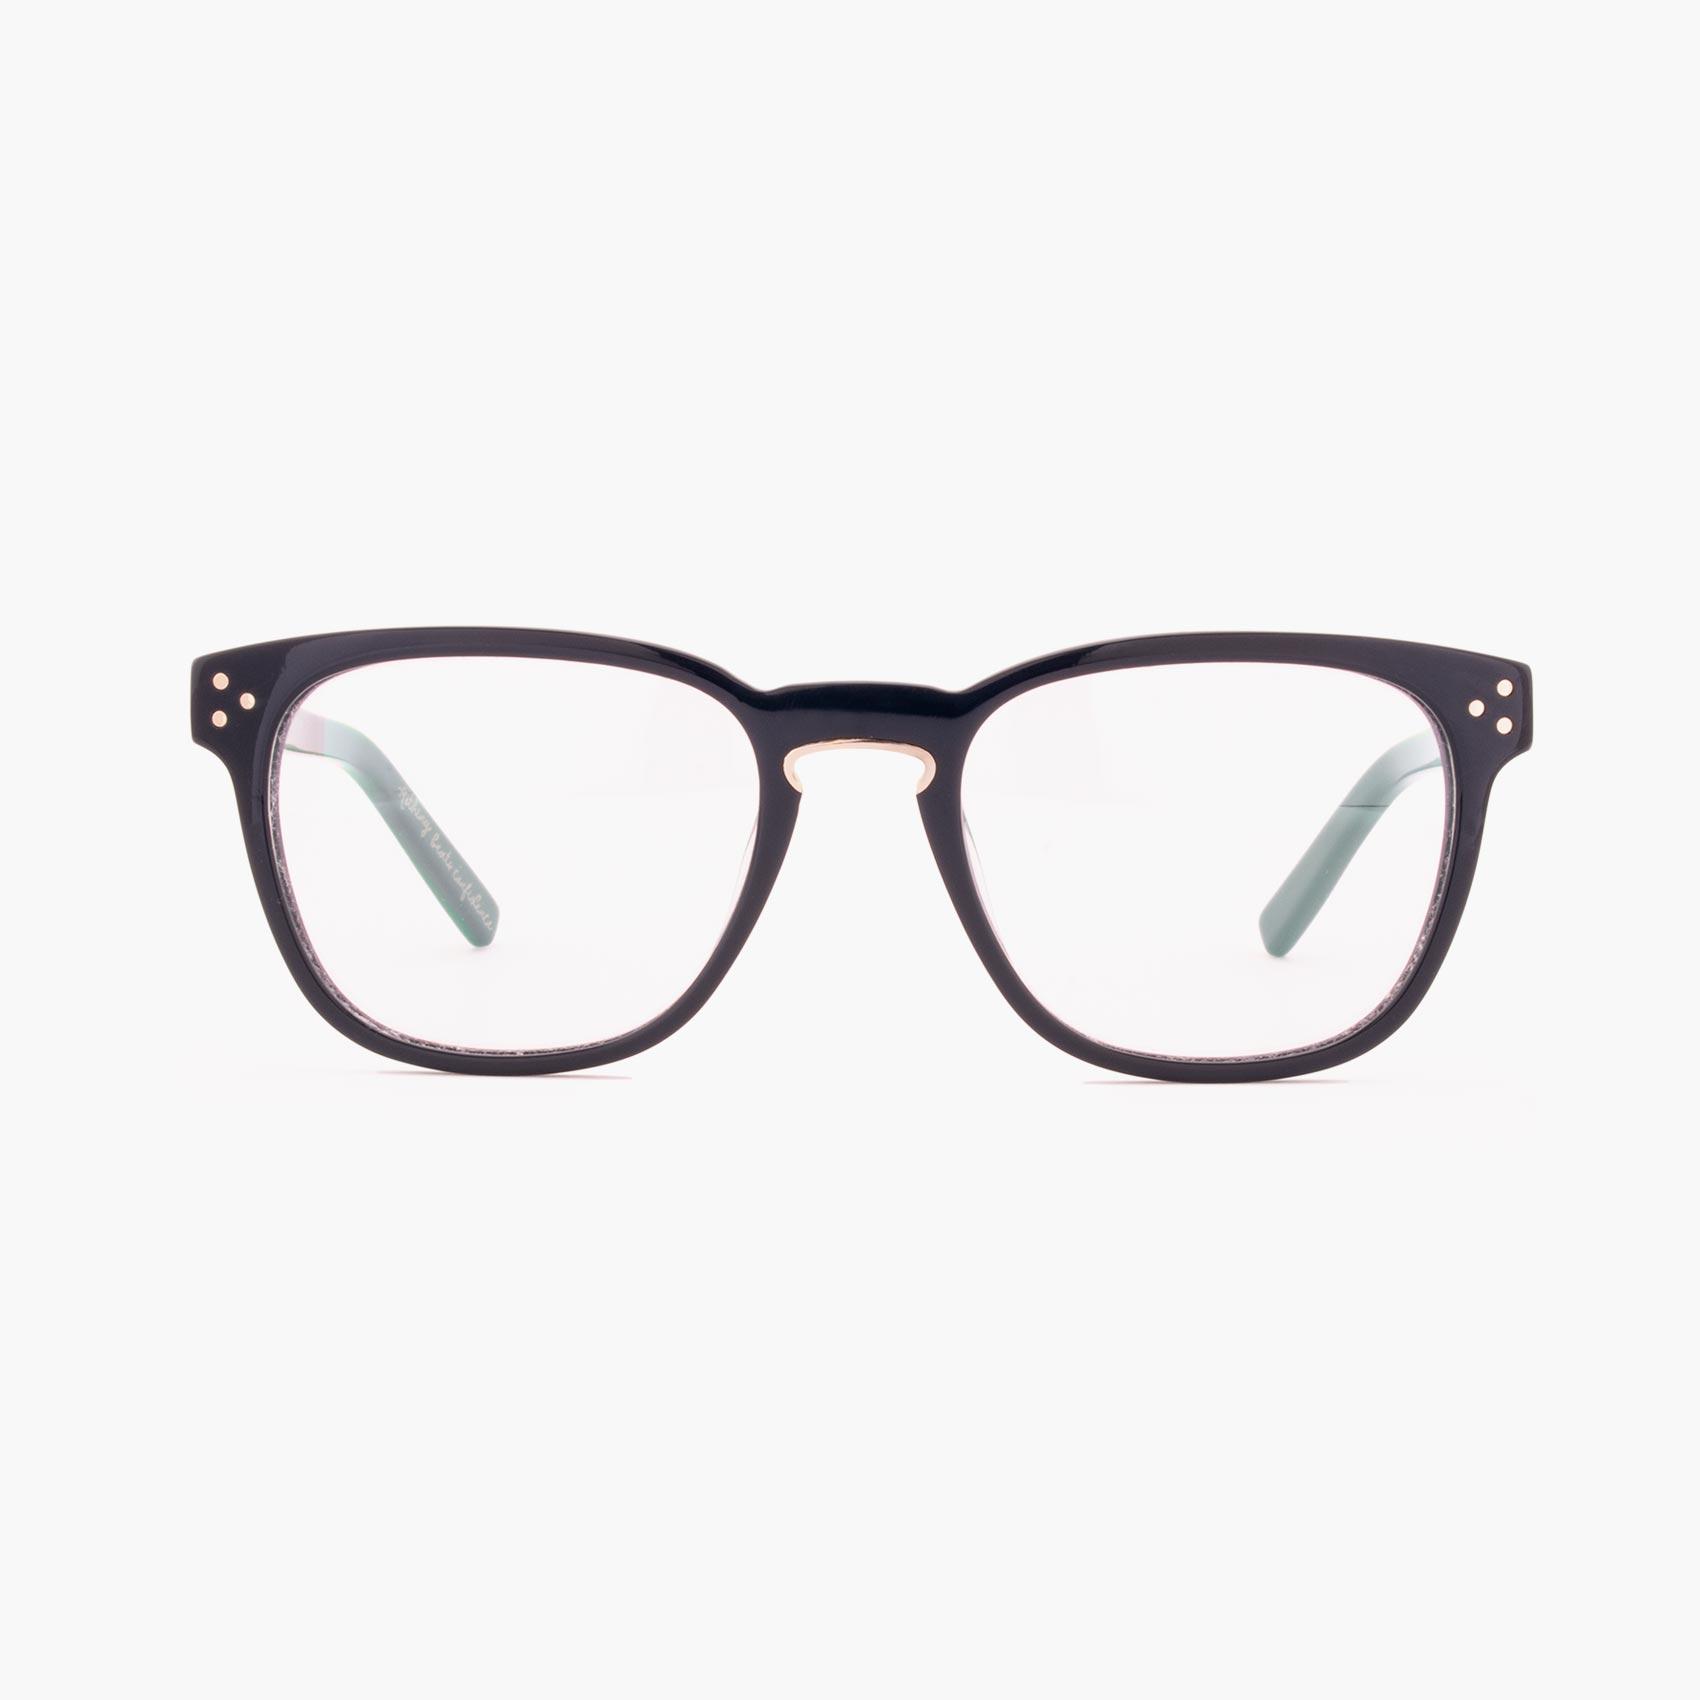 Proud eyewear Firth C3 F gafas puente herradura azul oscuro